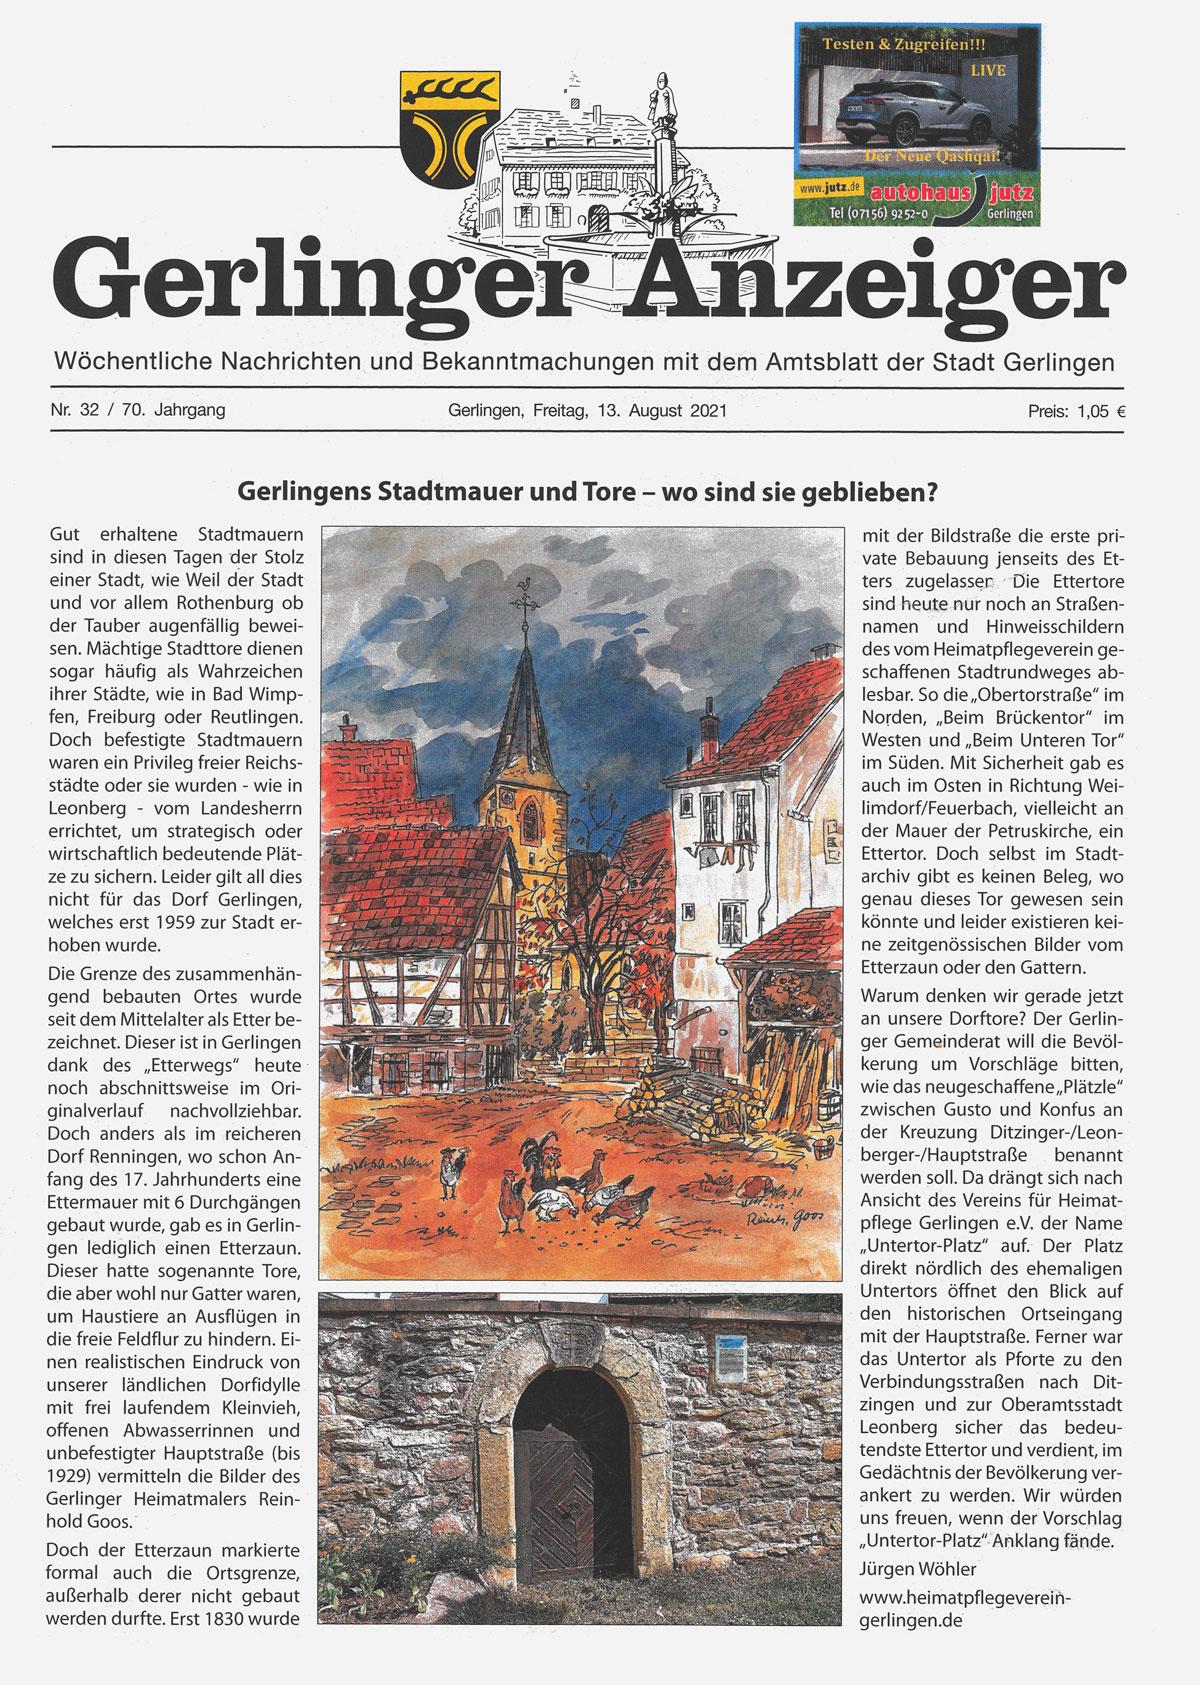 Gerlinger Anzeiger vom 13.08.2021